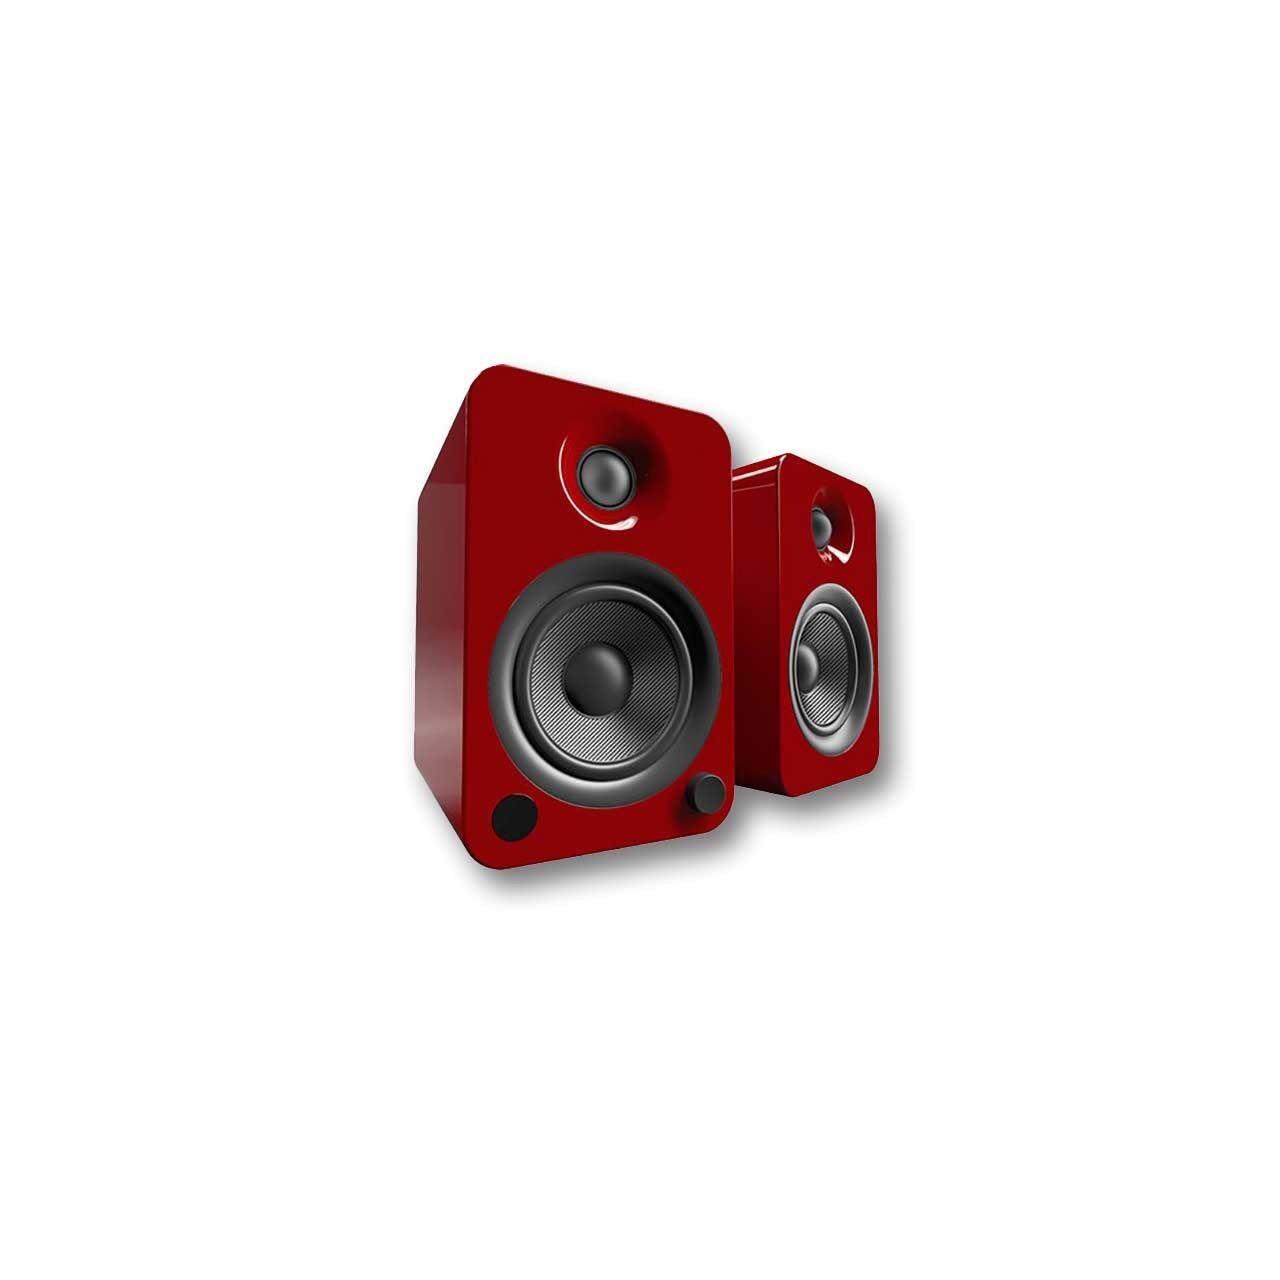 Kanto YU4 Powered Bookshelf Speakers (Gloss Red)